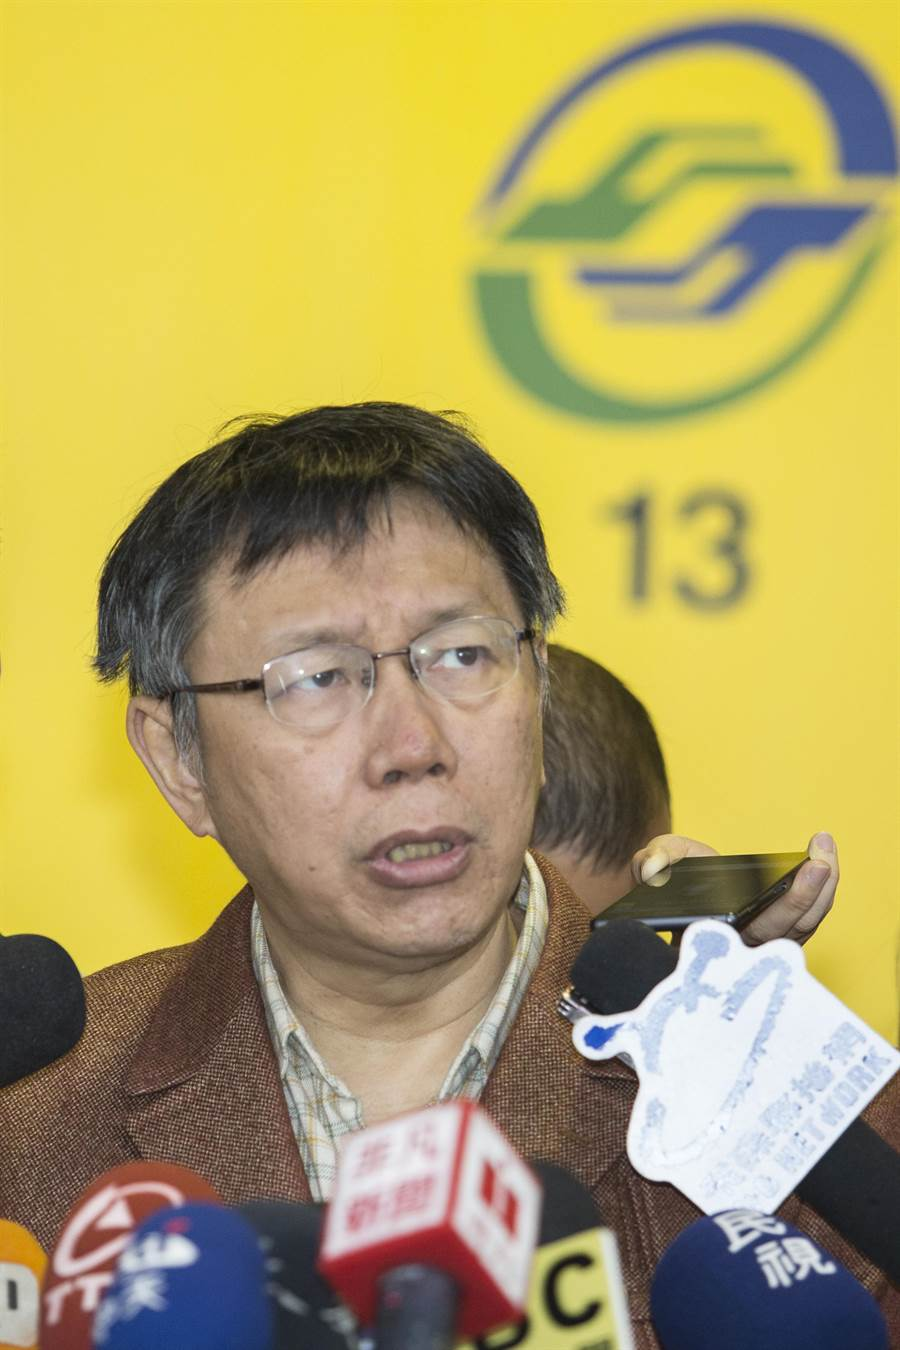 柯P表示台北市廣告實在太多,「中華民國美學」也讓他很受不了,所以他要開始管理。(陳仁萱攝)